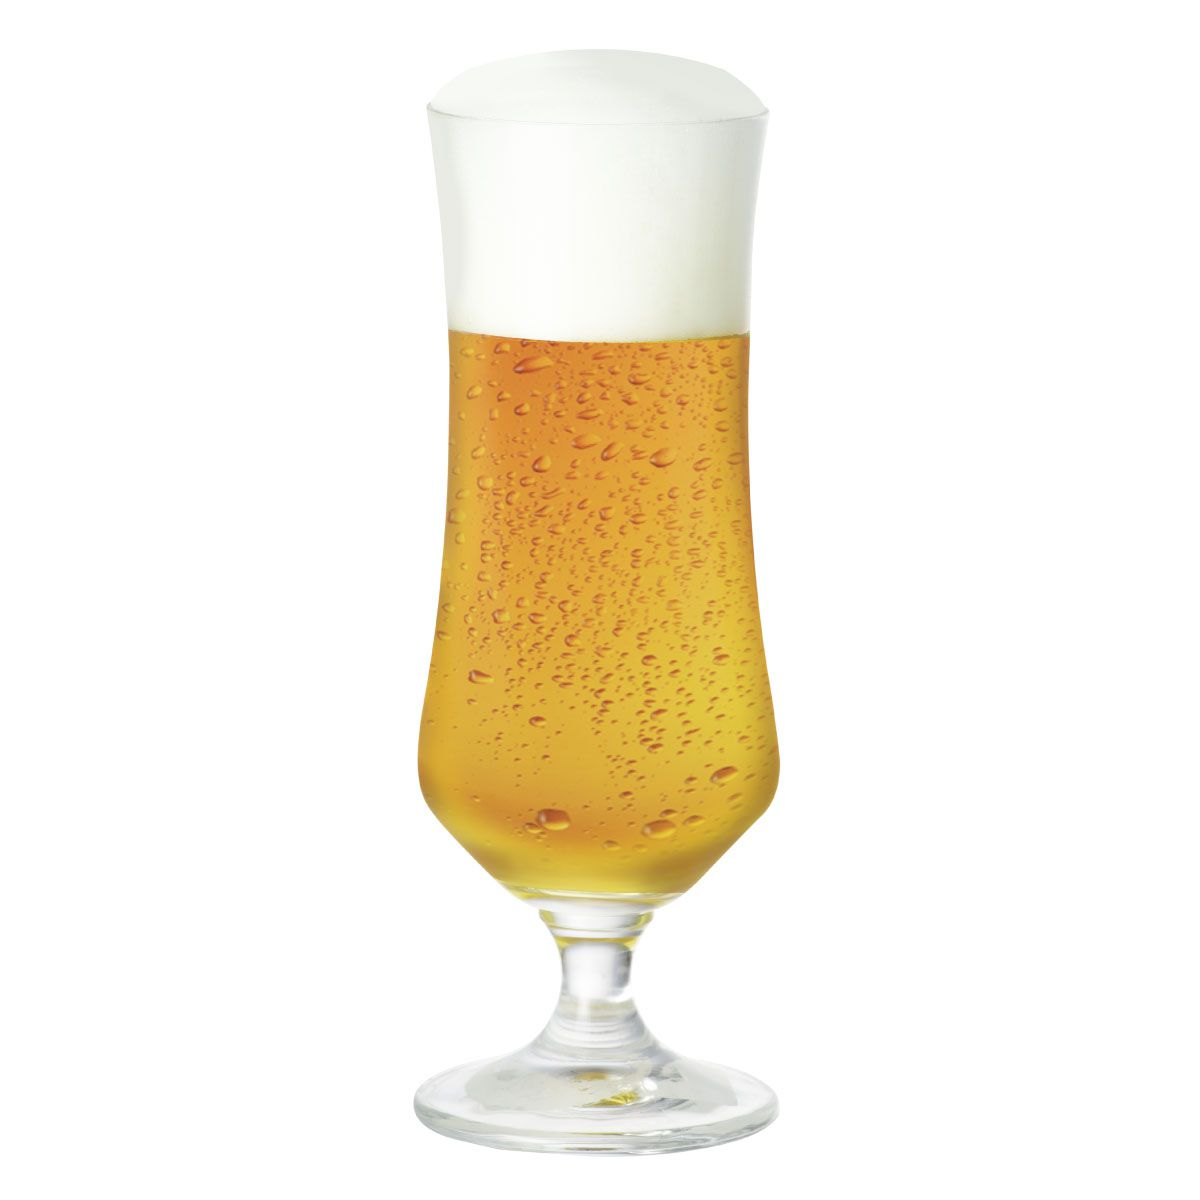 Taça Cerveja - Copo Cerveja Ratsk 385ml Jogo 6 Pcs